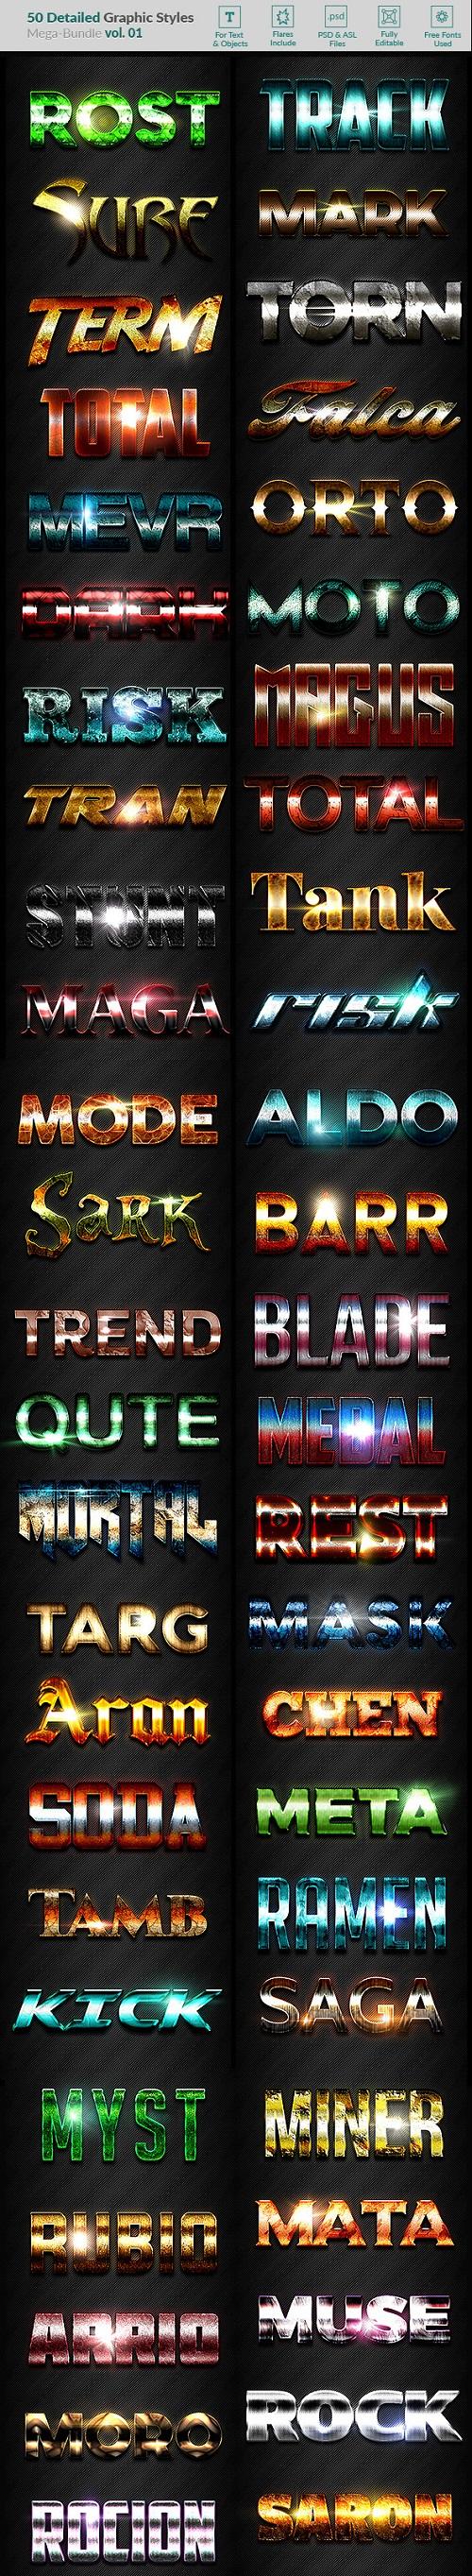 50 Text Effects - Bundle Vol 01 20011877